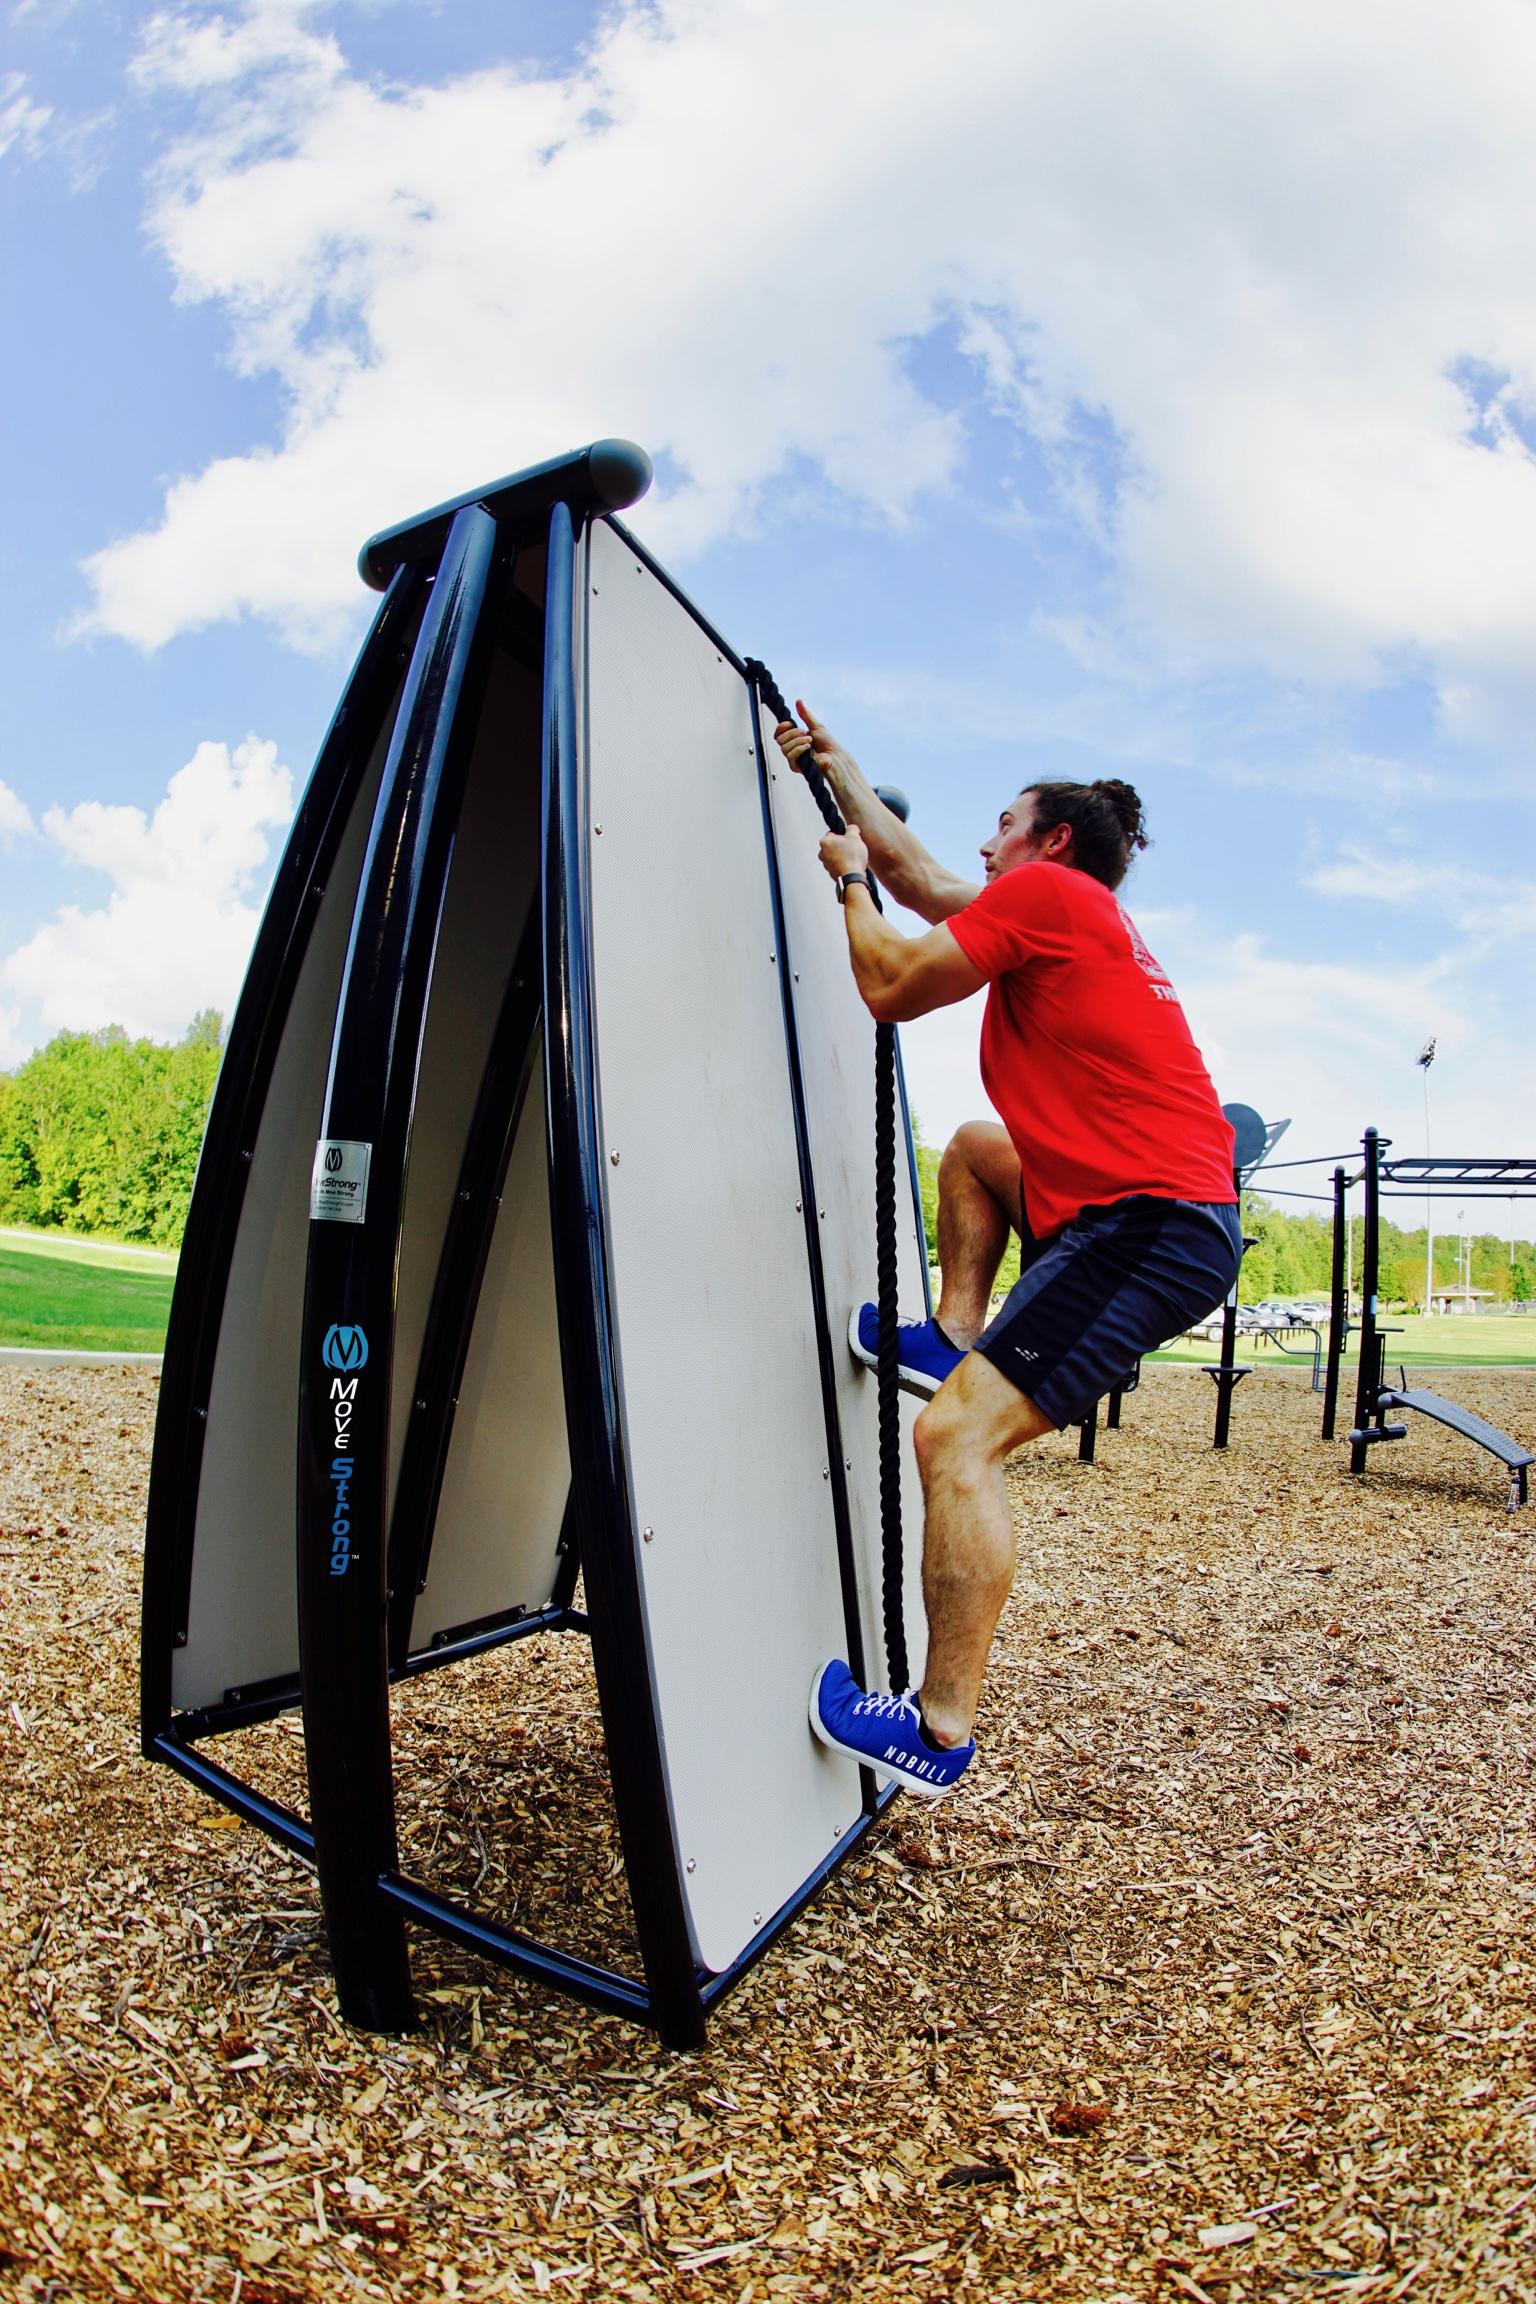 ole miss workout Awall climb.jpg